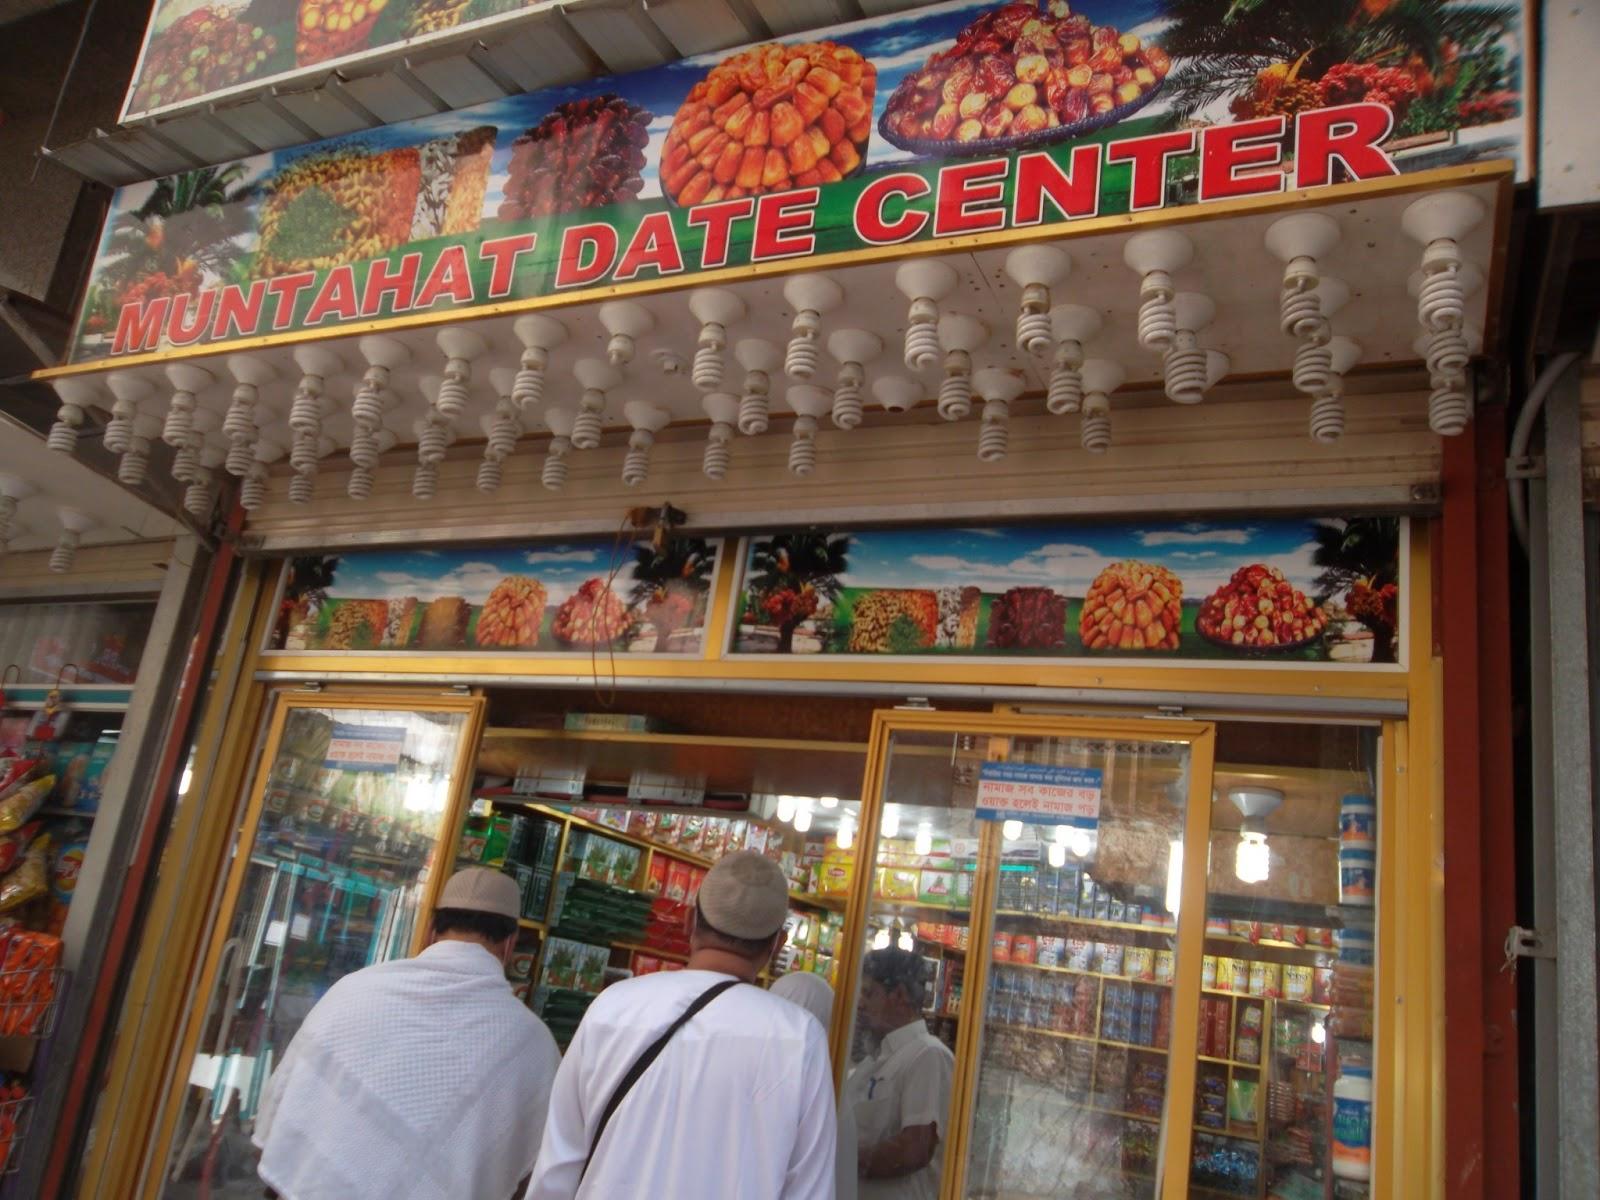 salah sebuah contoh kedai tamar di Mekah. Semua papan tanda kedai